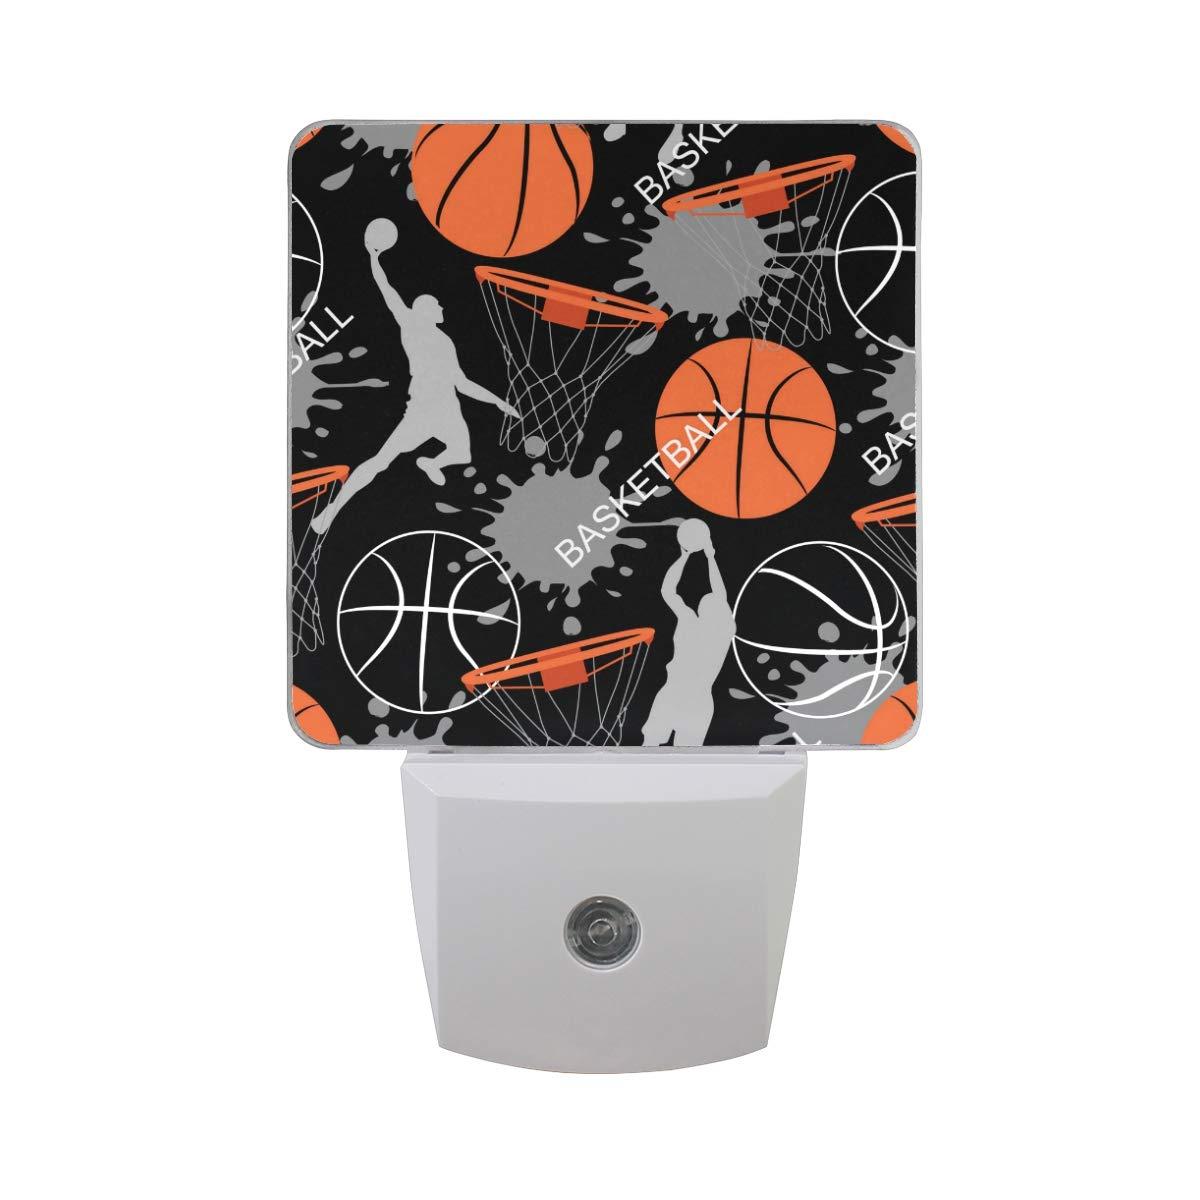 Vinln - Luz nocturna de noche con diseño de balón de baloncesto ...